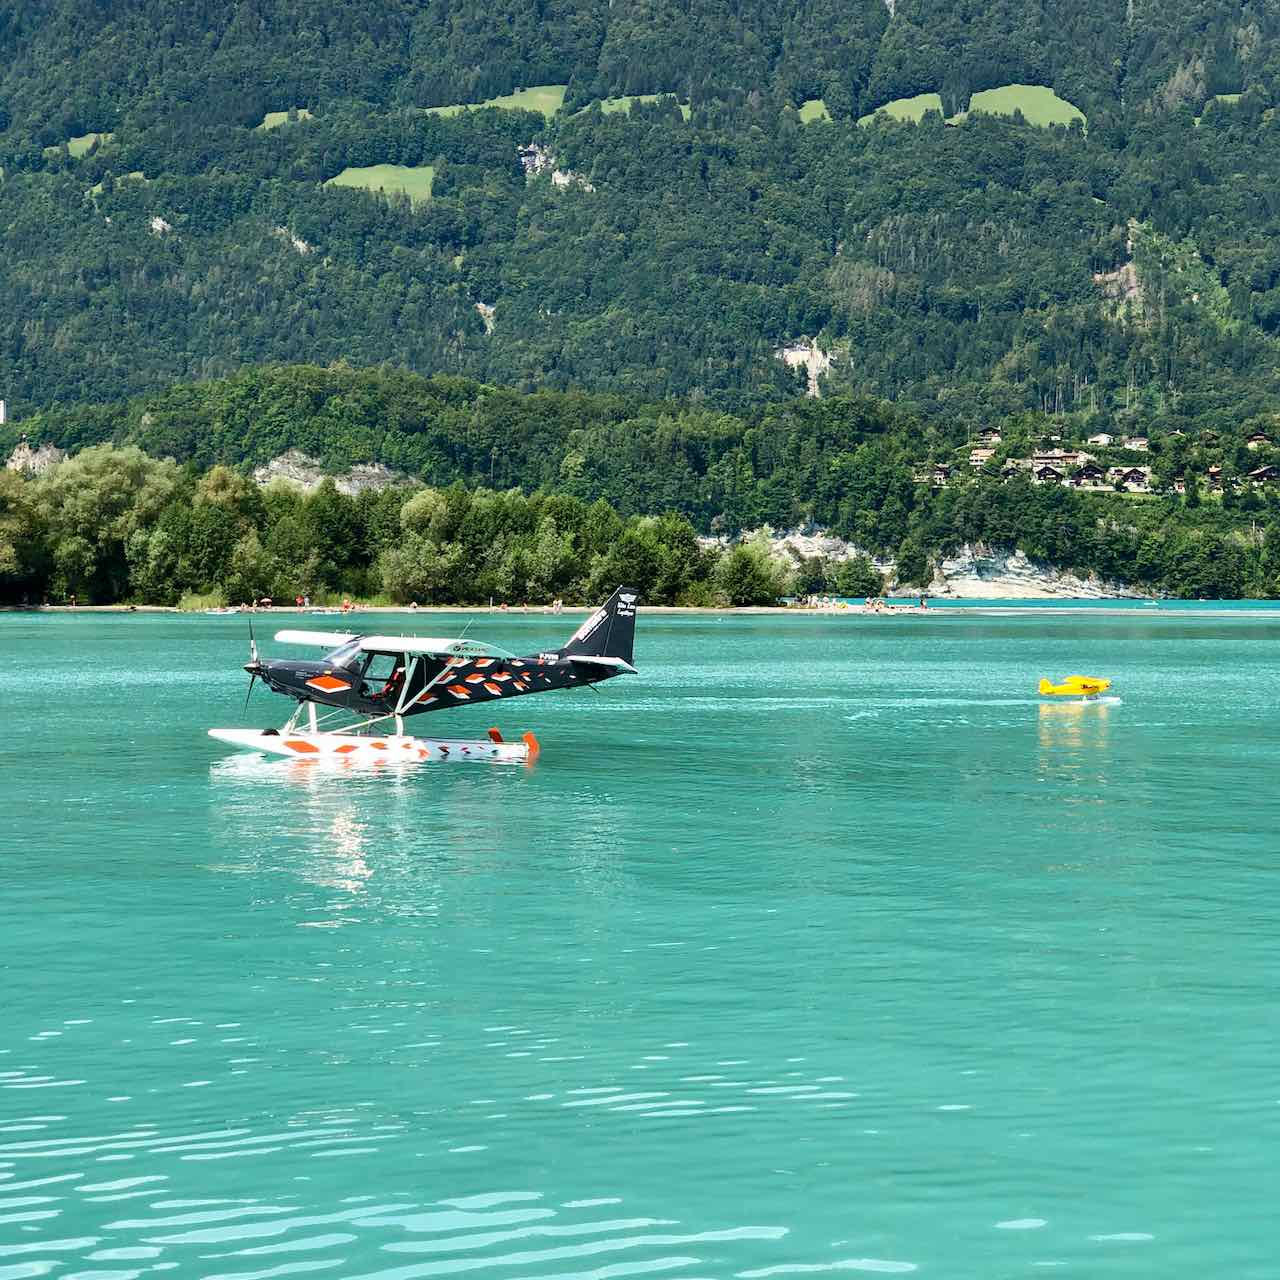 Wasserflugzeuge 2020 - 9 von 15.jpeg